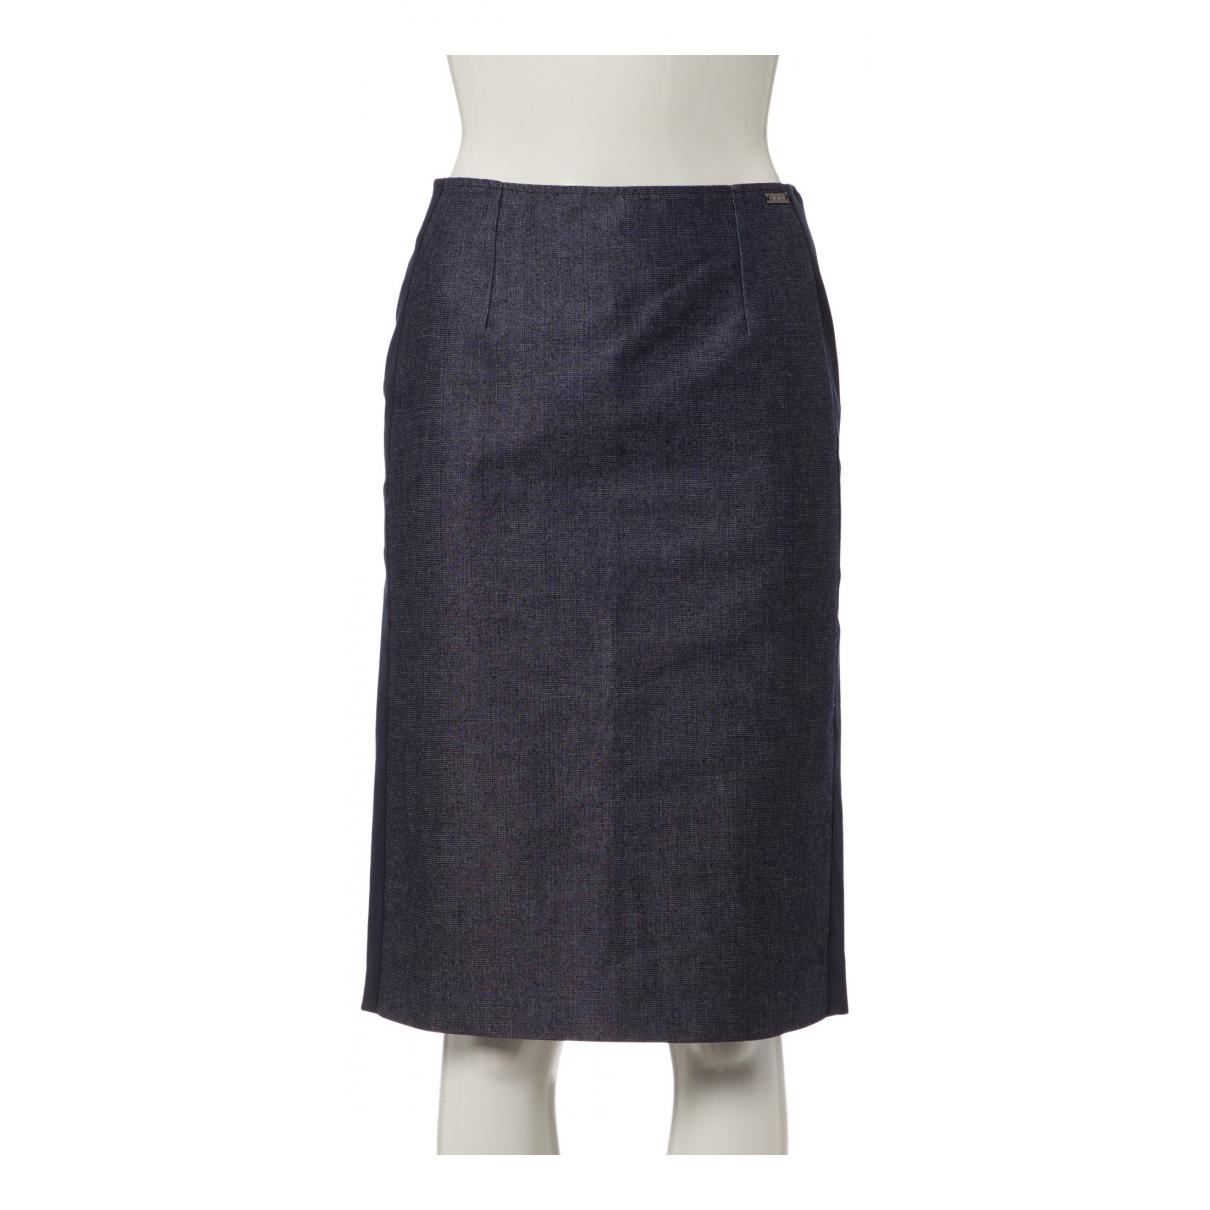 Chanel - Jupe   pour femme en denim - bleu